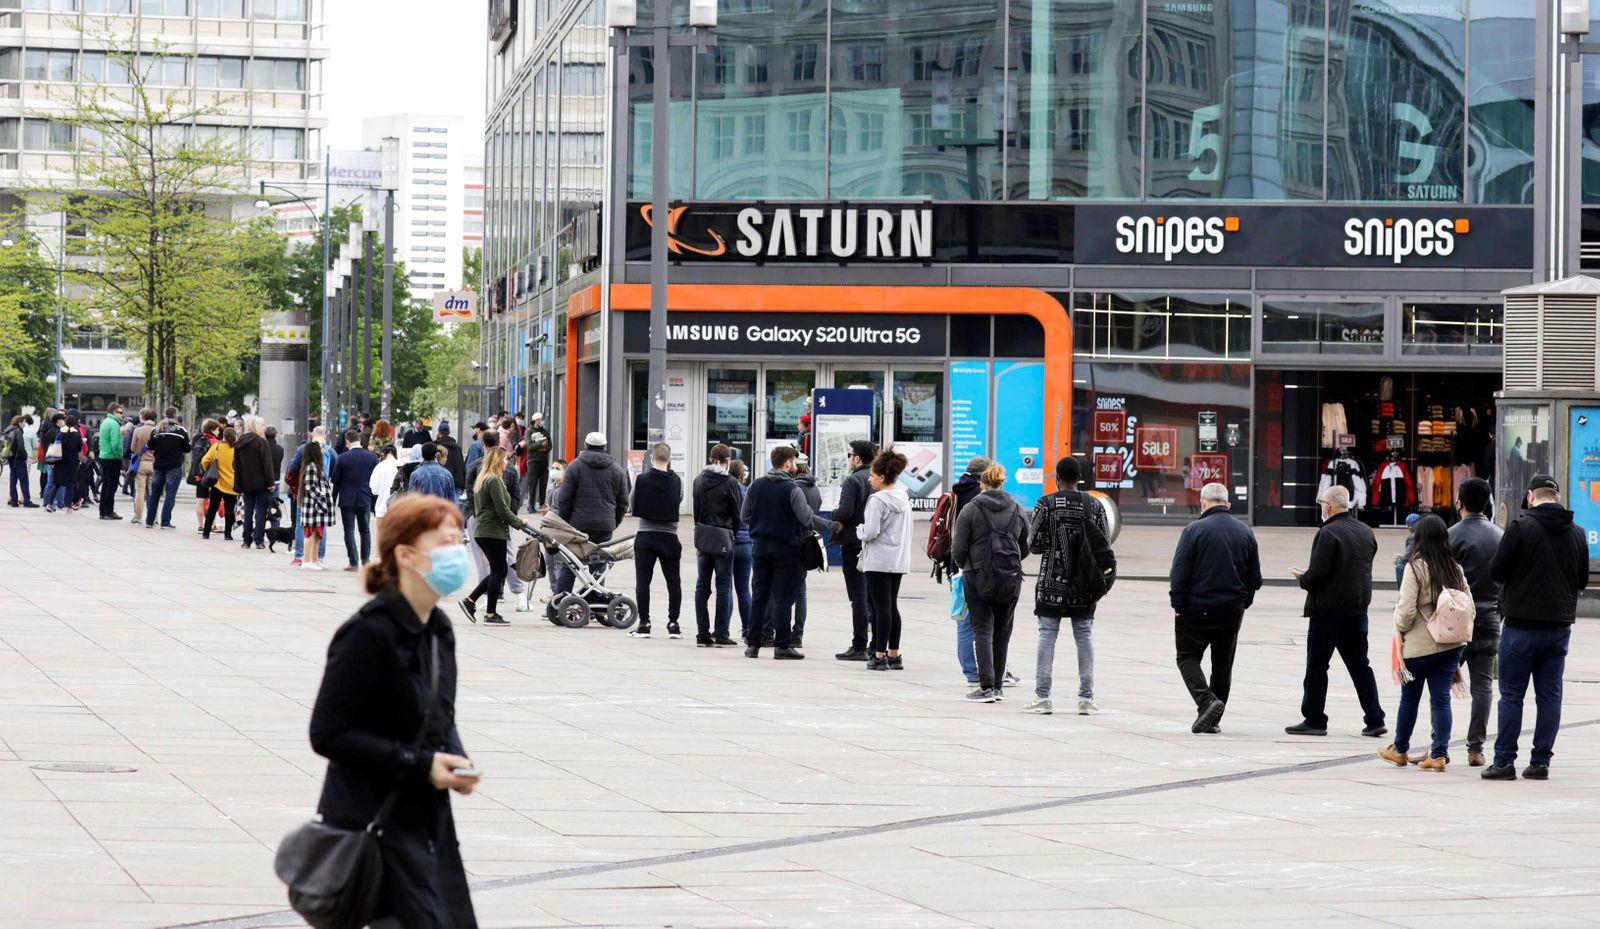 Waehrend der Corona-Krise, bildet sich am Samstagmittag vor dem Saturnmarkt auf dem Alexanderplatz, eine Menschenmenge